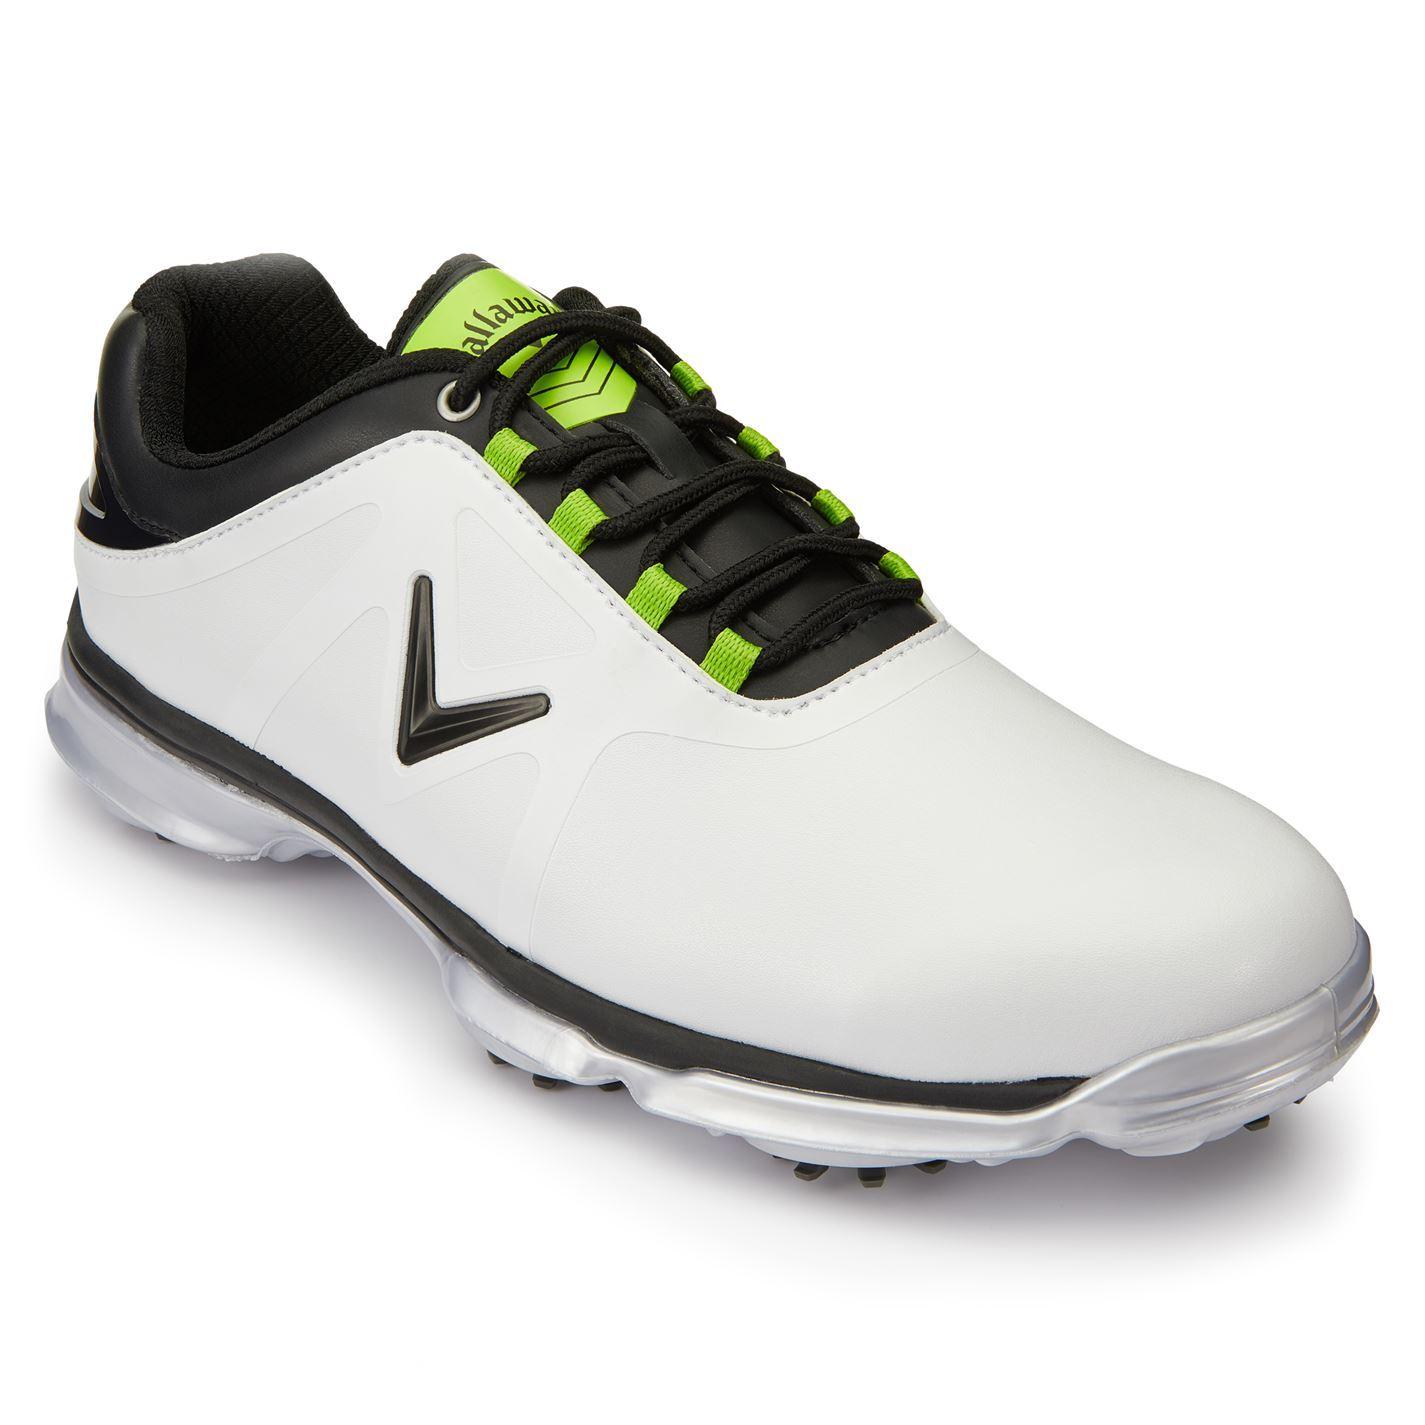 Callaway-XTT-Comfort-Spiked-Golf-Shoes-Mens-Spikes-Footwear thumbnail 17